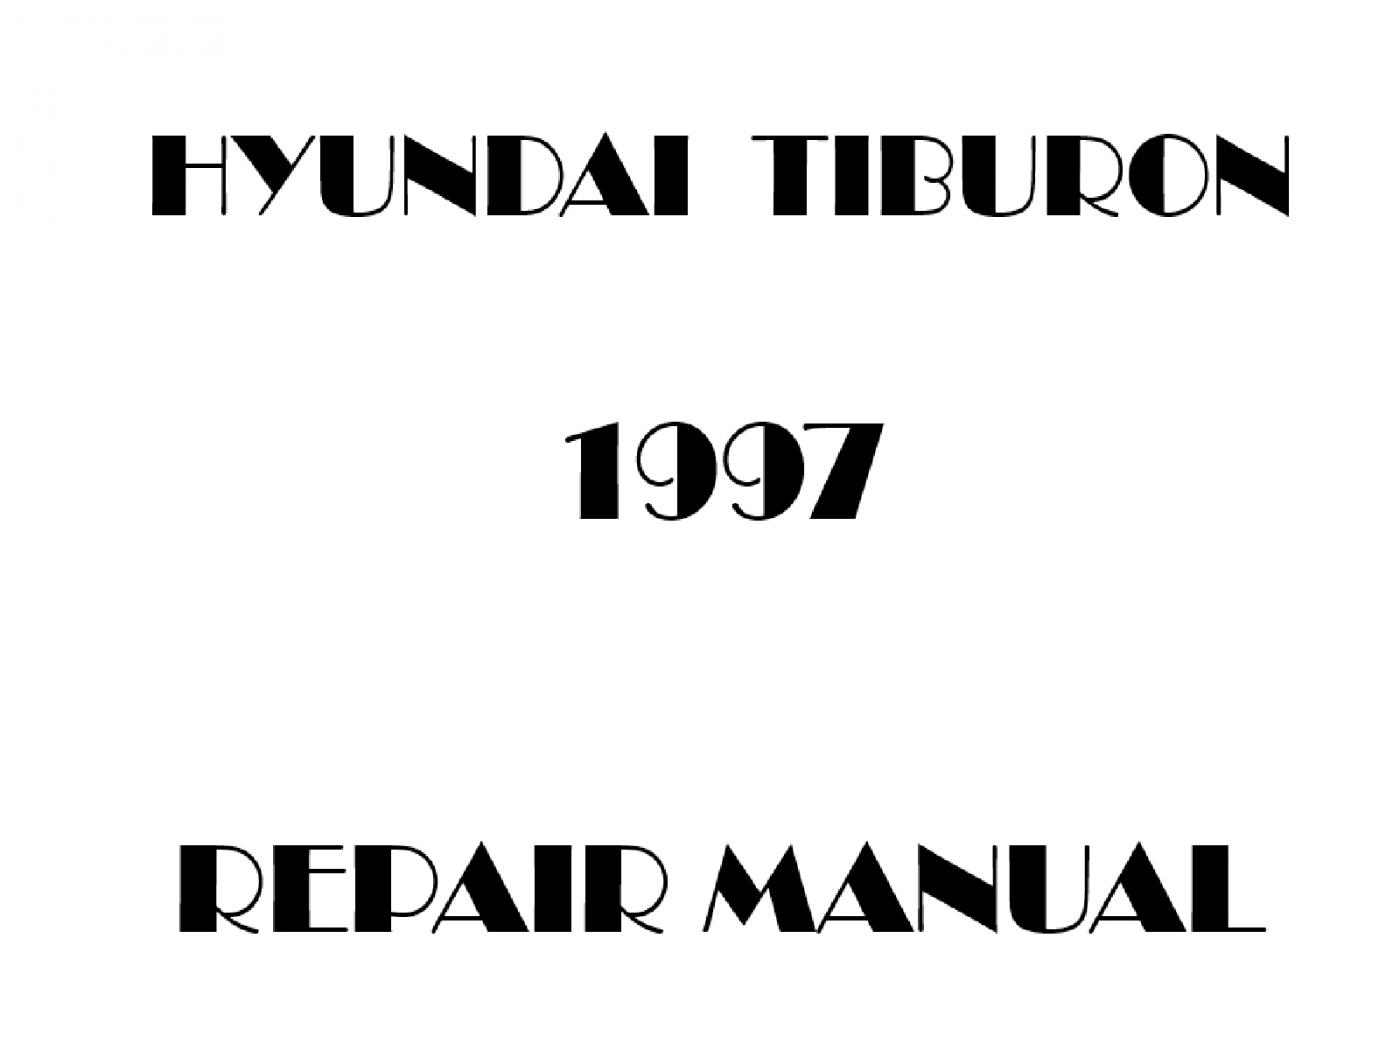 1997 Hyundai Tiburon repair manual